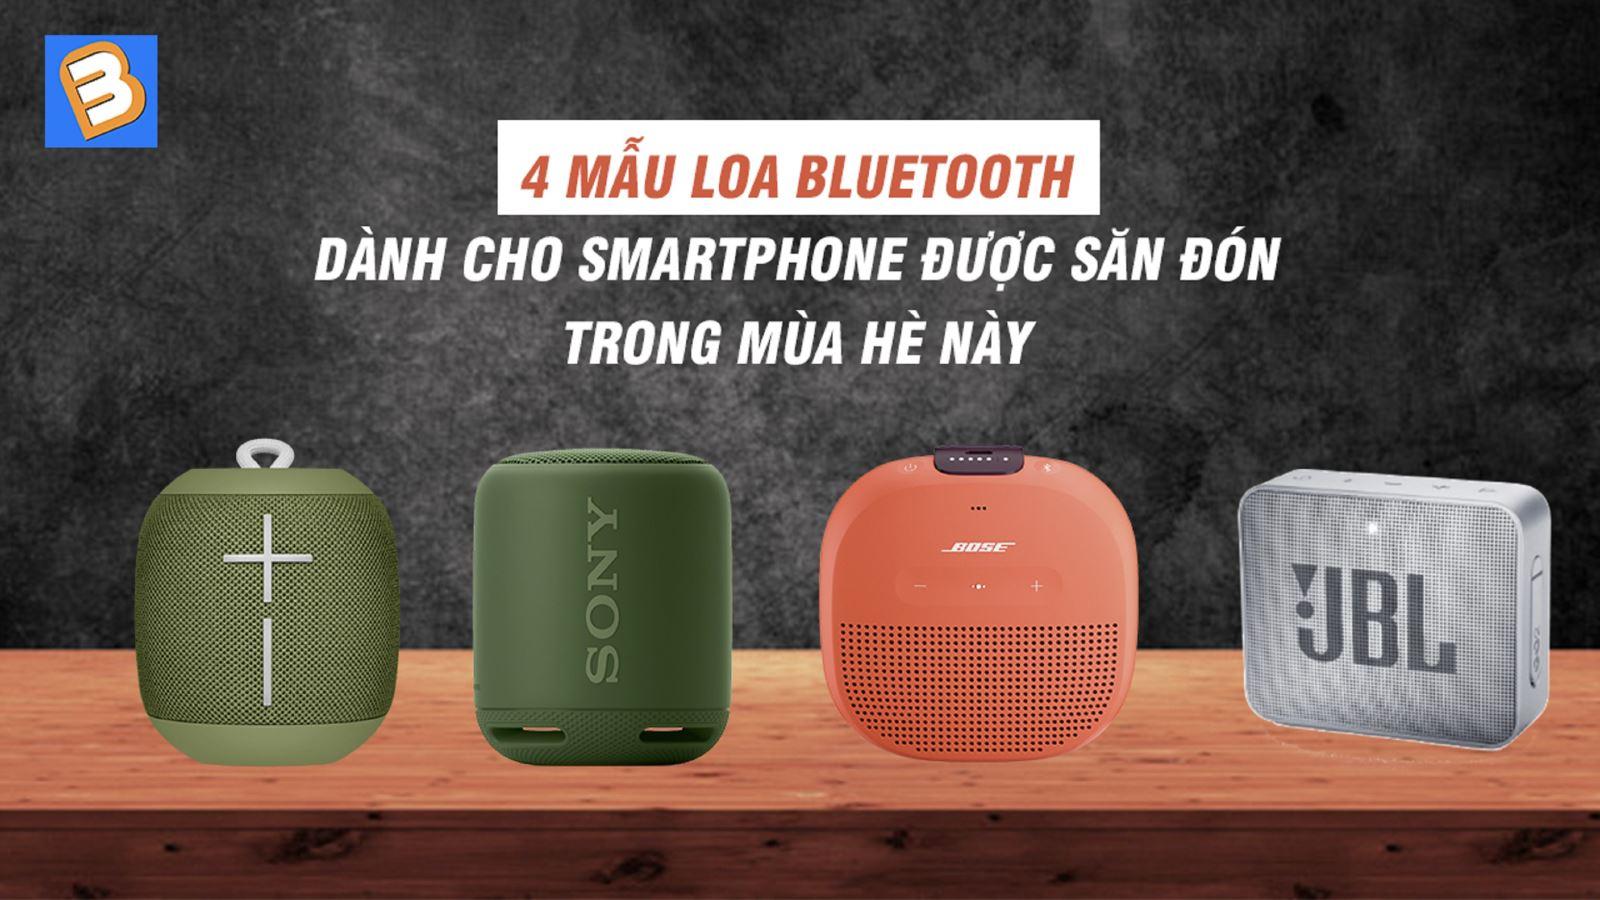 4 mẫu loa bluetooth dành cho Smartphone được săn đón trong mùa hè này